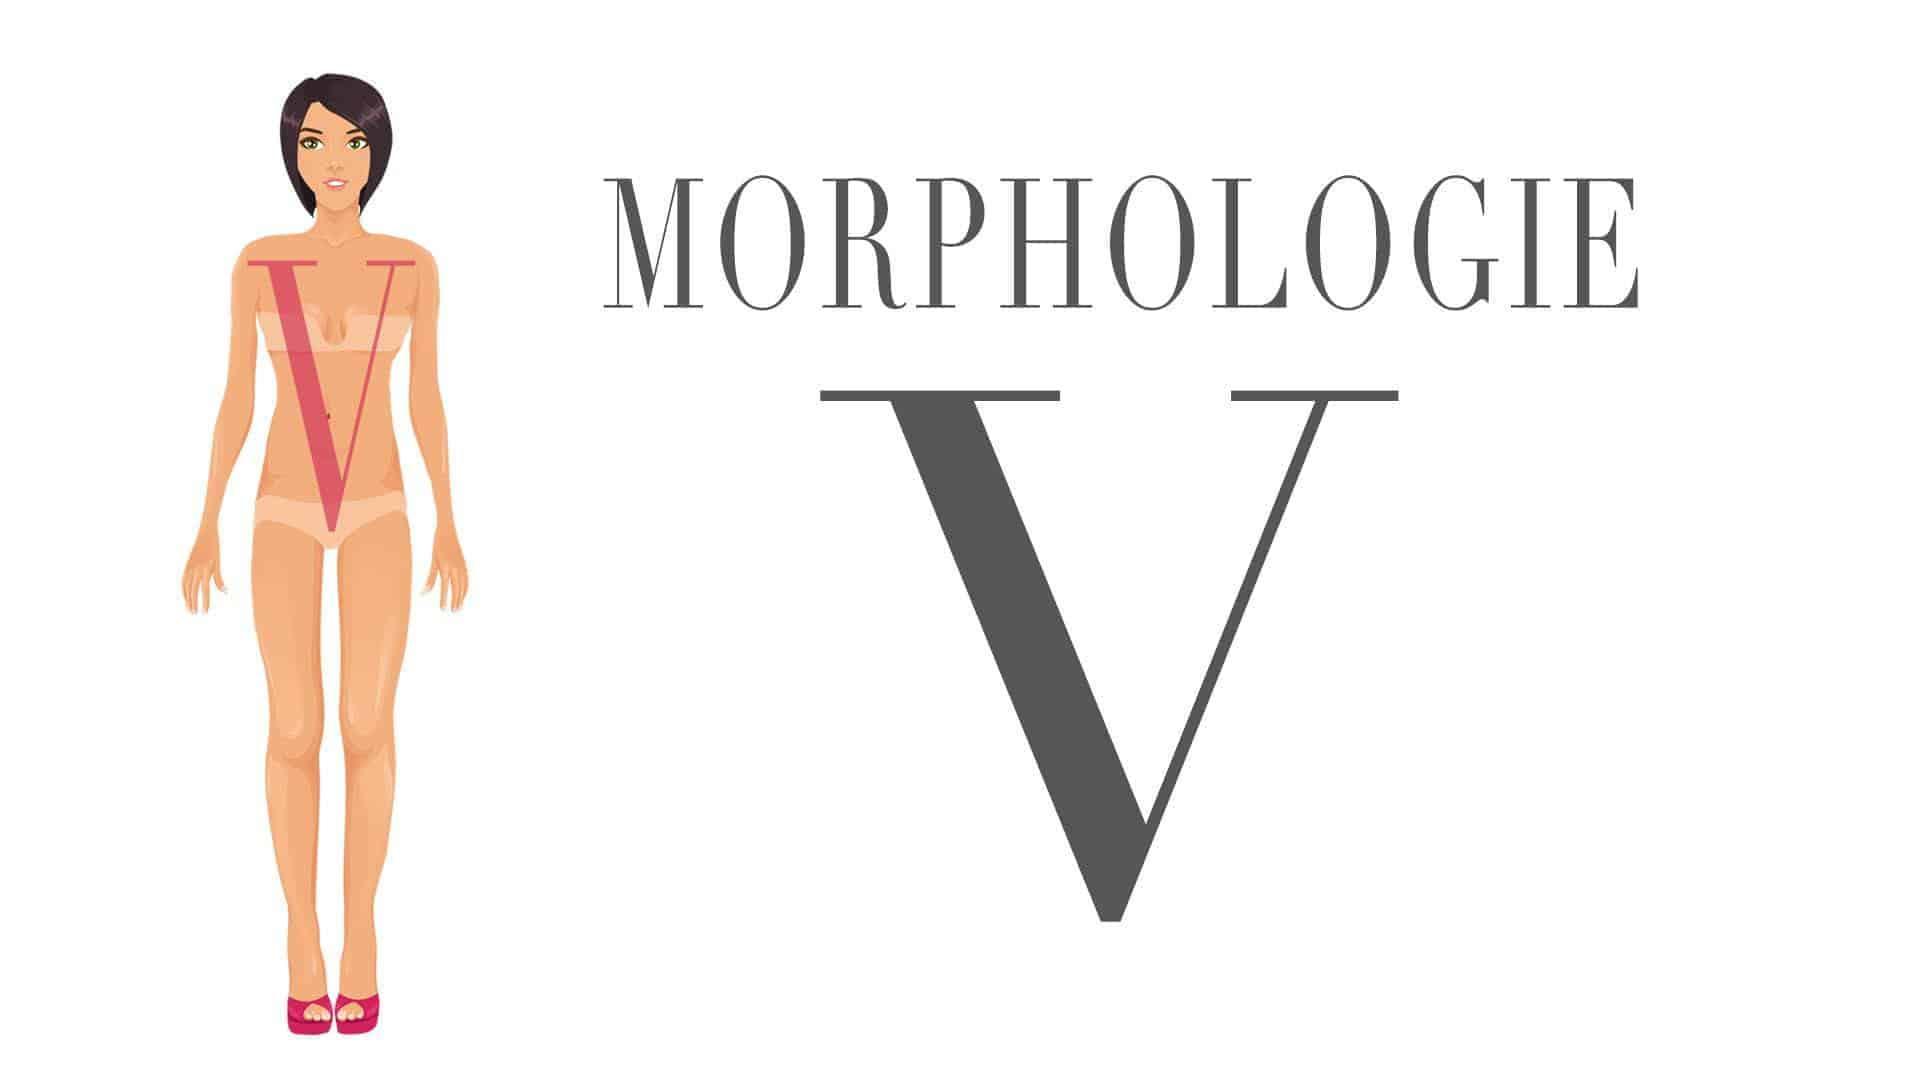 morphologie en v, morphologie V, morphologie pyramide inversée, comment s'habiller, comment s'habiller morphologie v, epaules larges, hanches etroites